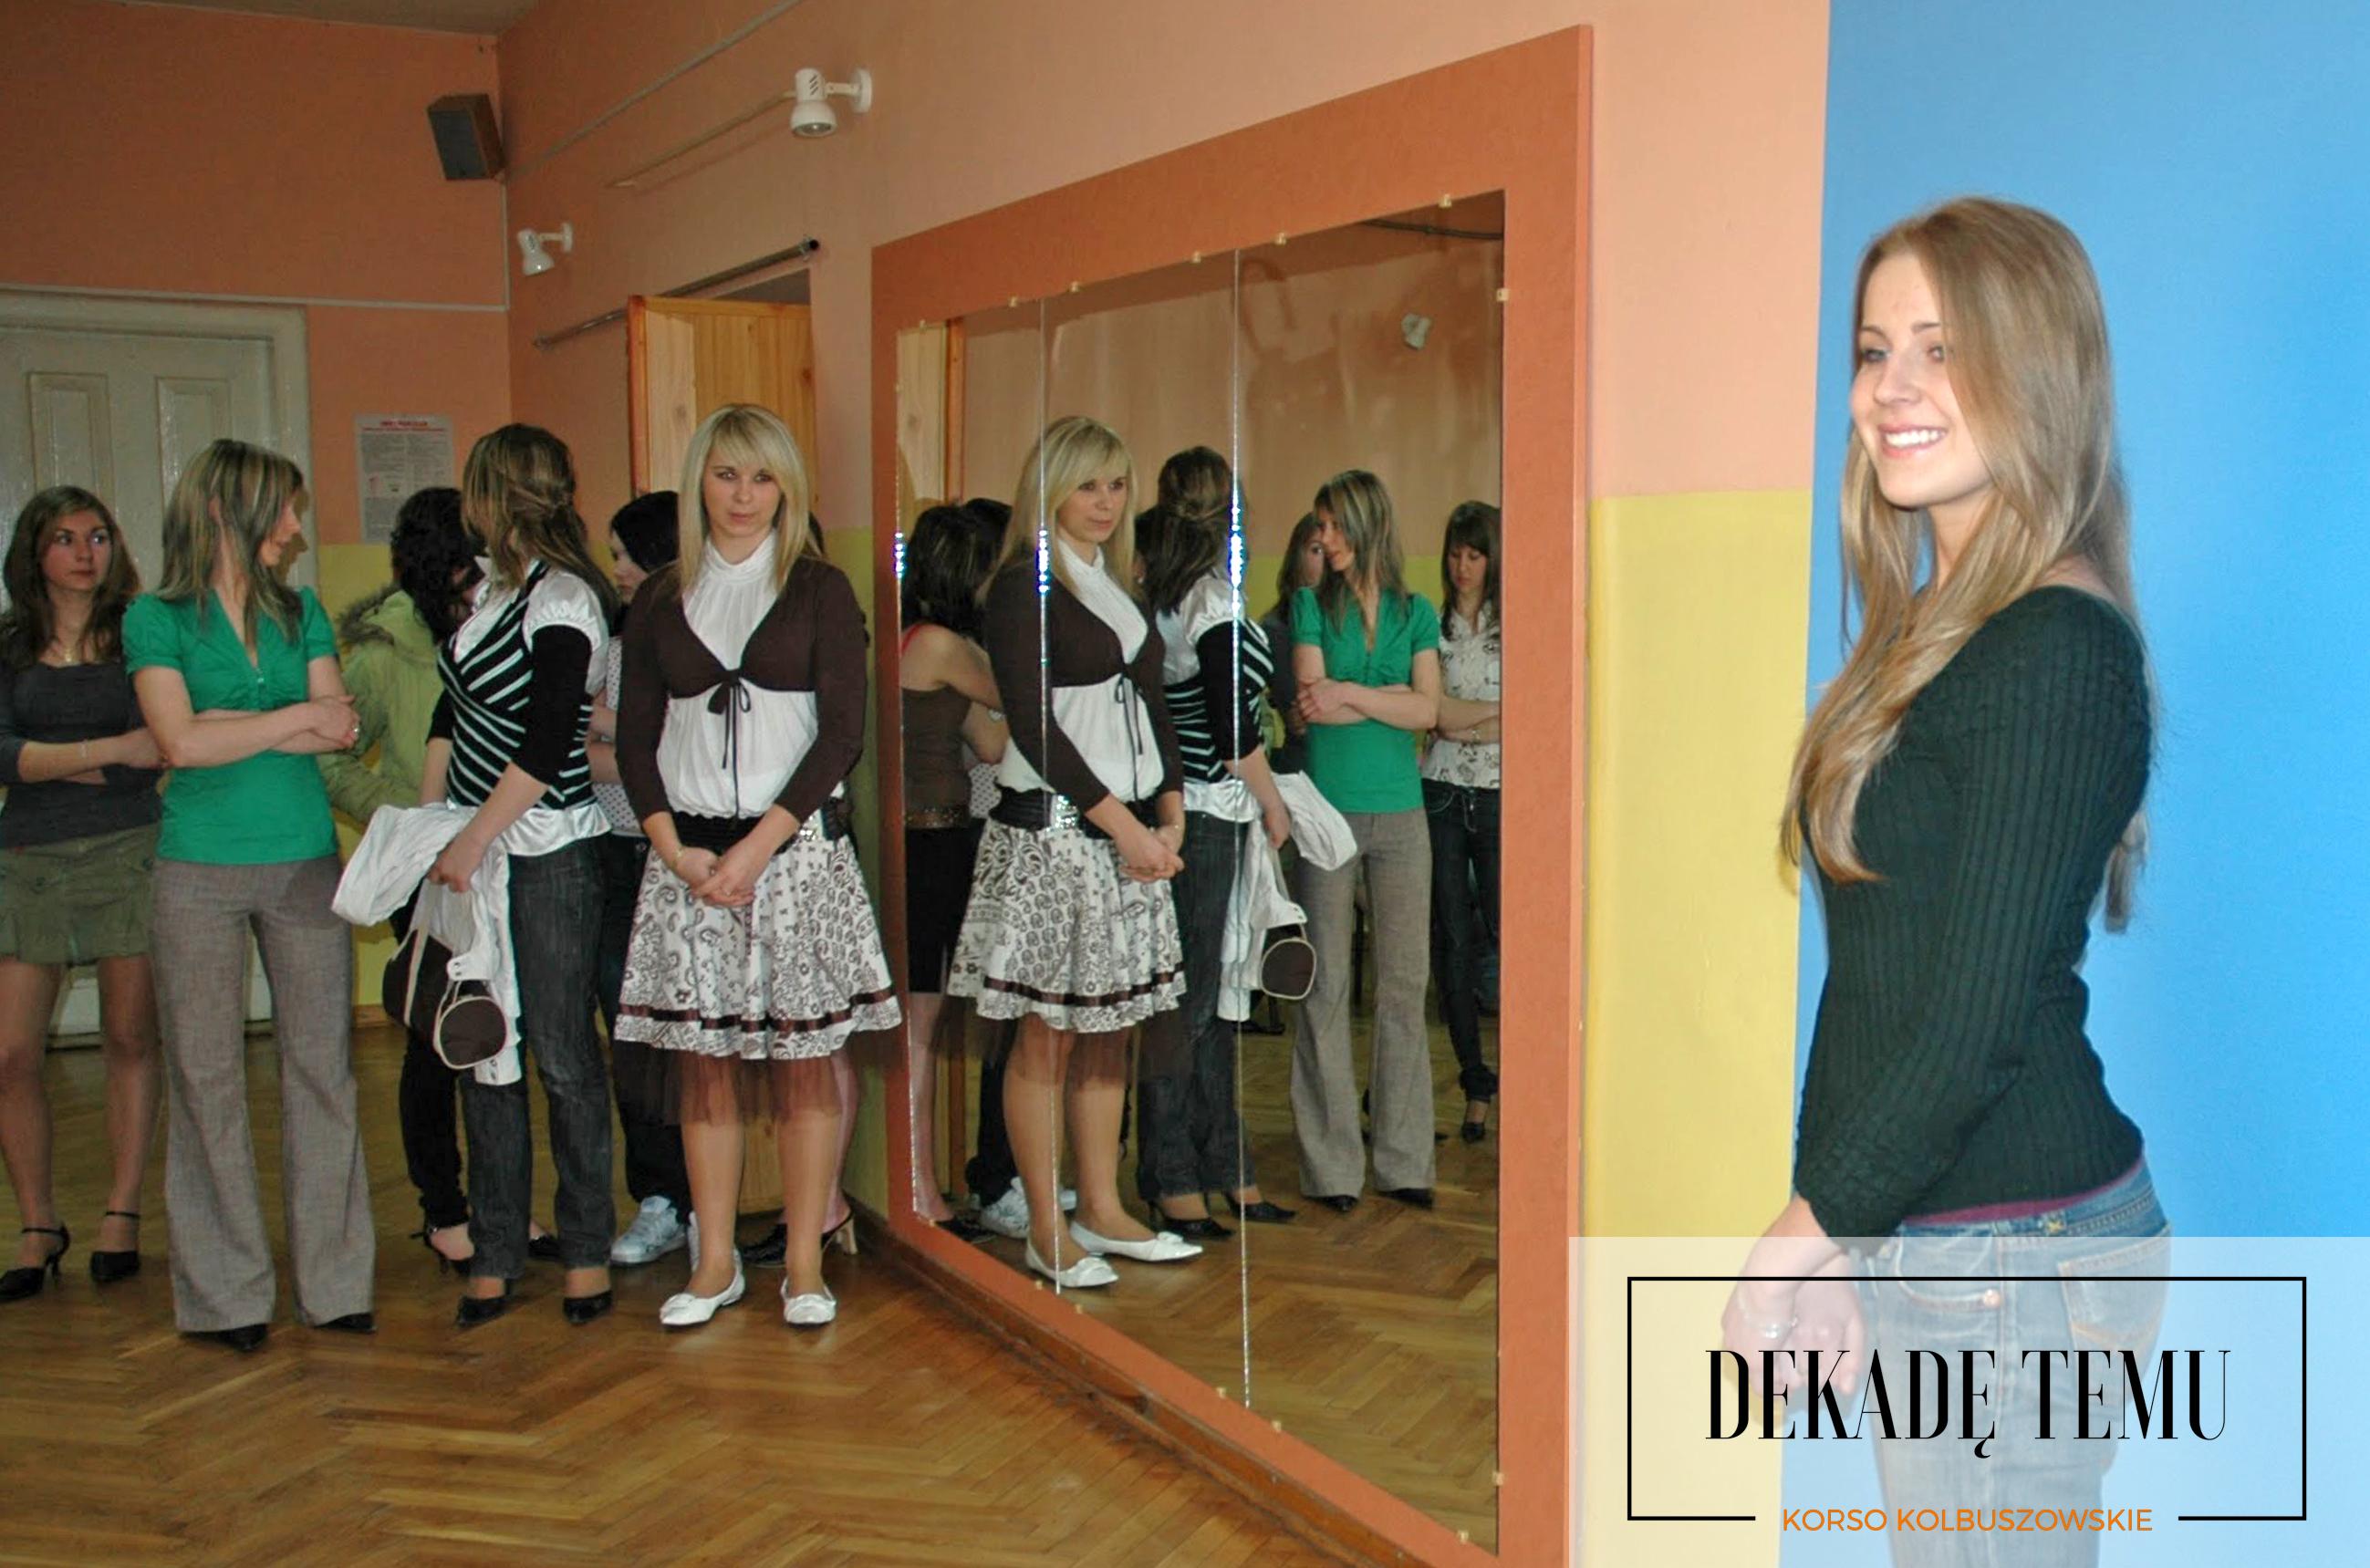 [DEKADĘ TEMU] Kasting do konkursu Miss Kolbuszowej 2008 - Zdjęcie główne